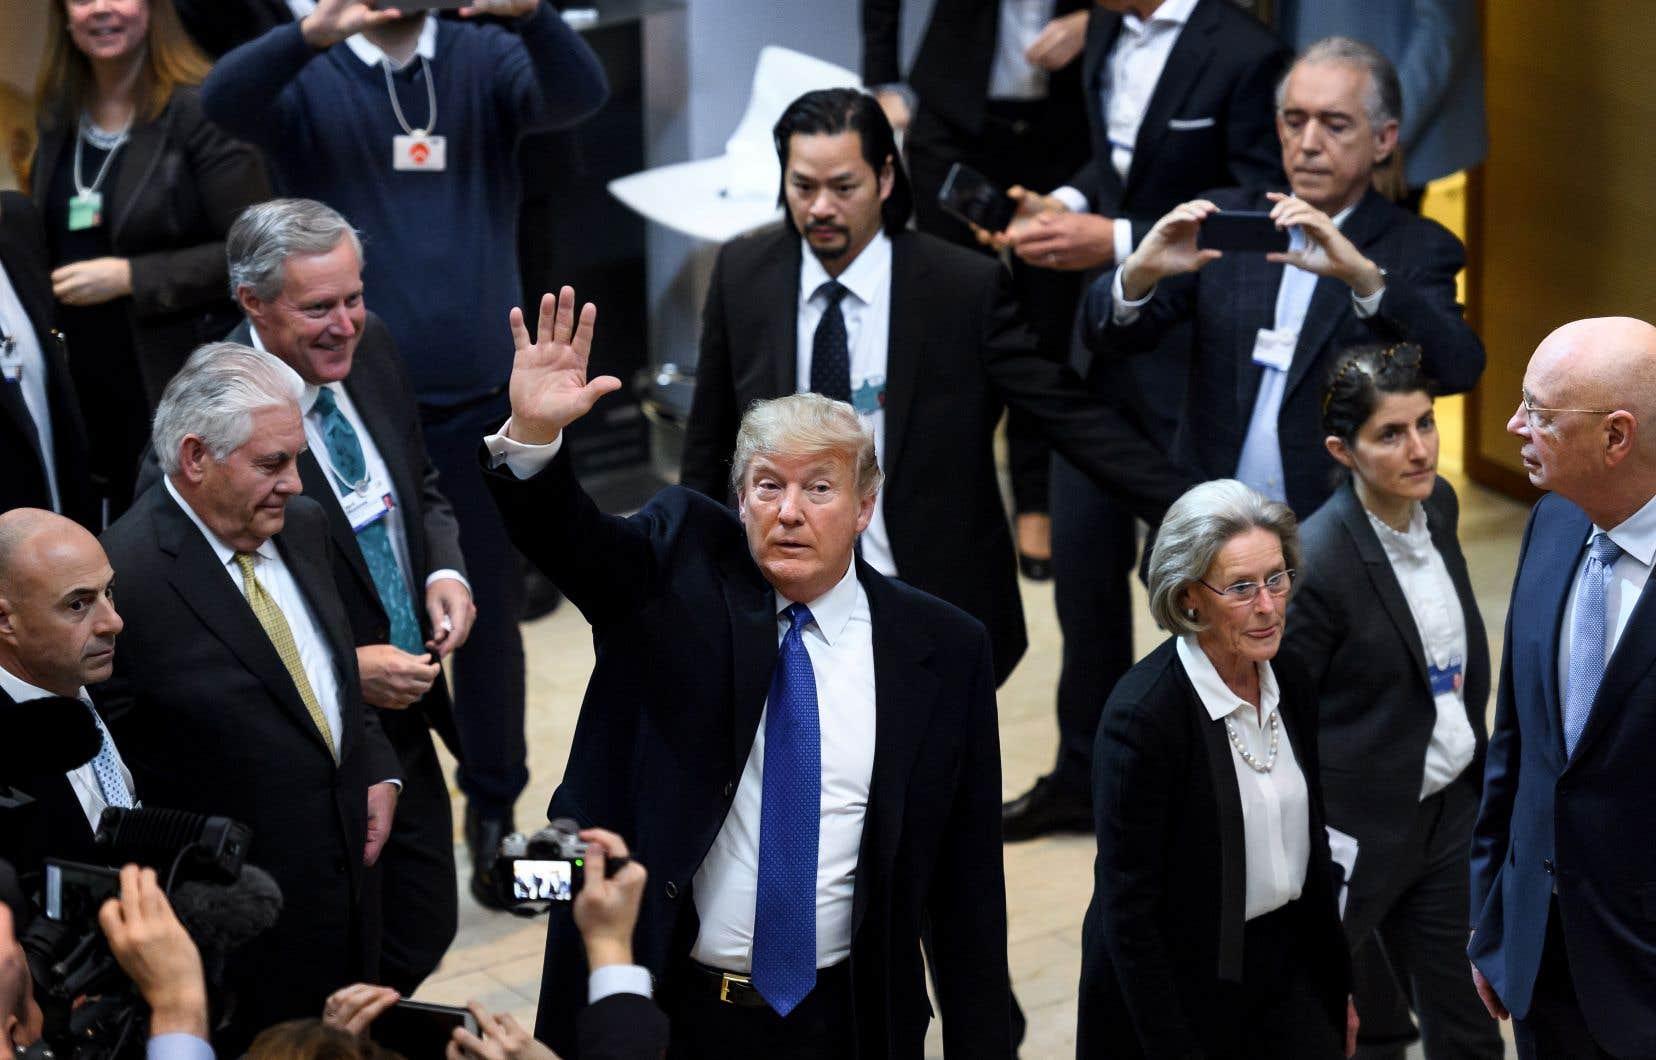 Premier président américain à se rendre au Forum économique mondial depuis Bill Clinton, Donald Trump est attendu avec des sentiments partagés.